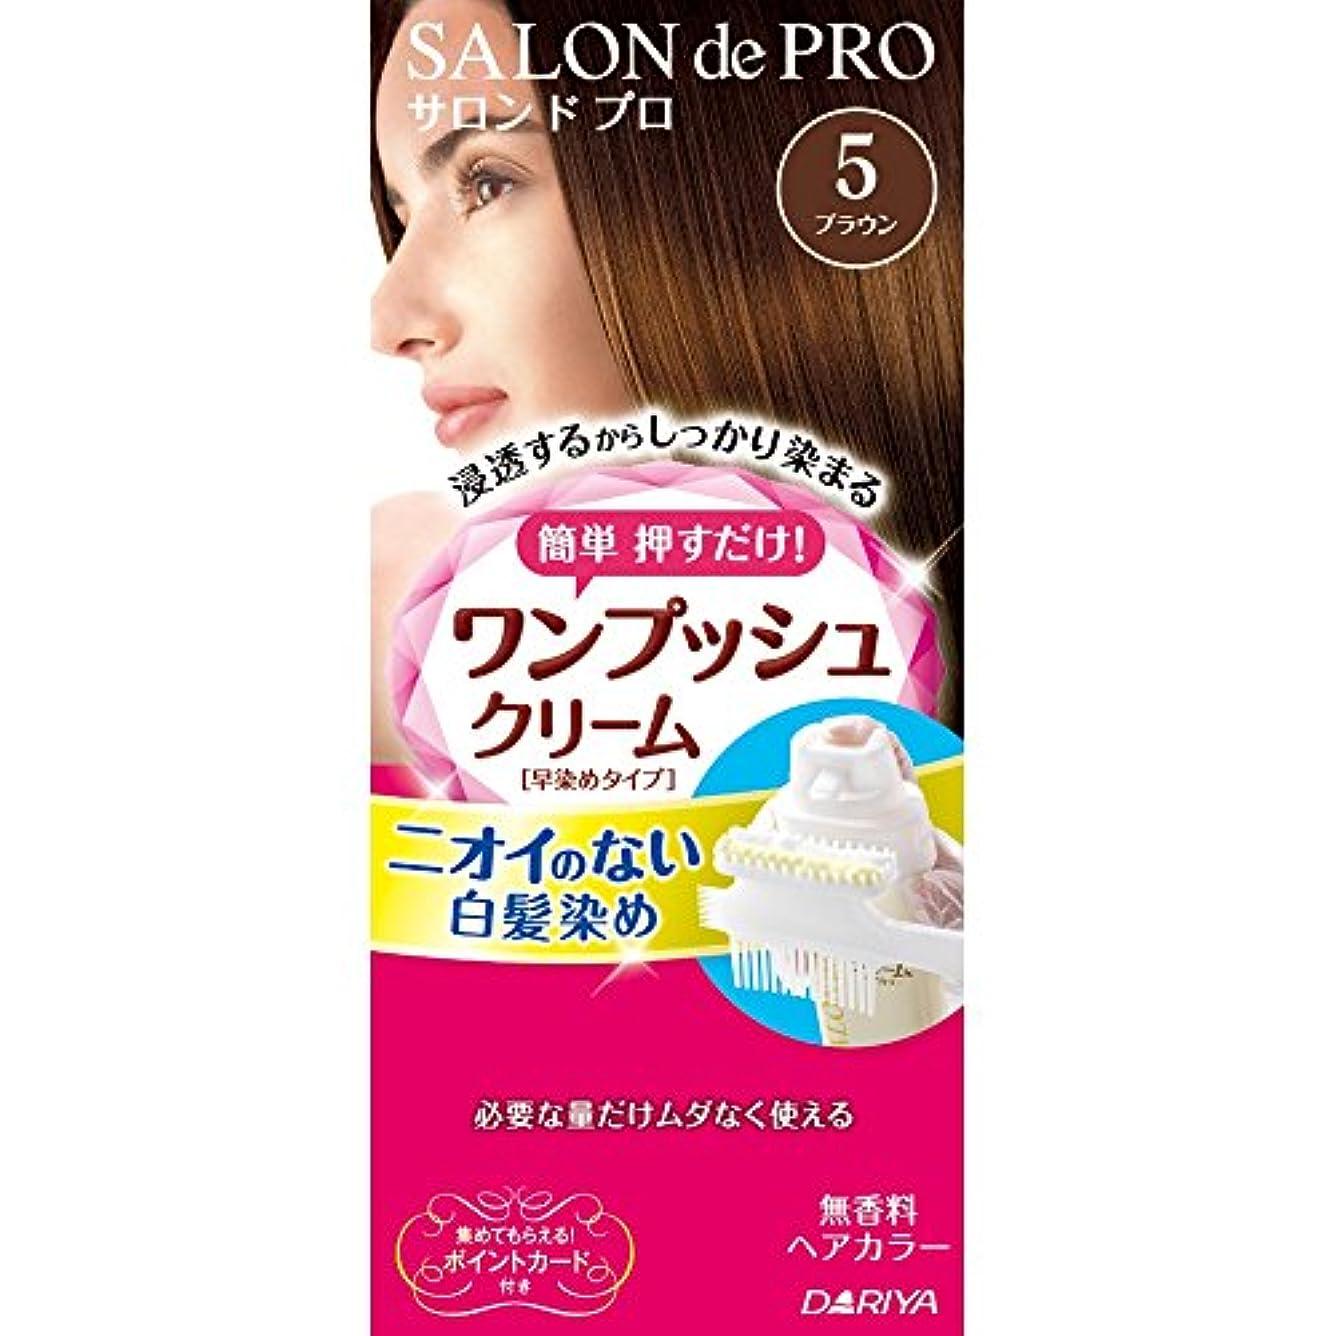 連合品種分布サロンドプロ ワンプッシュクリームヘアカラー 5 40g+40g